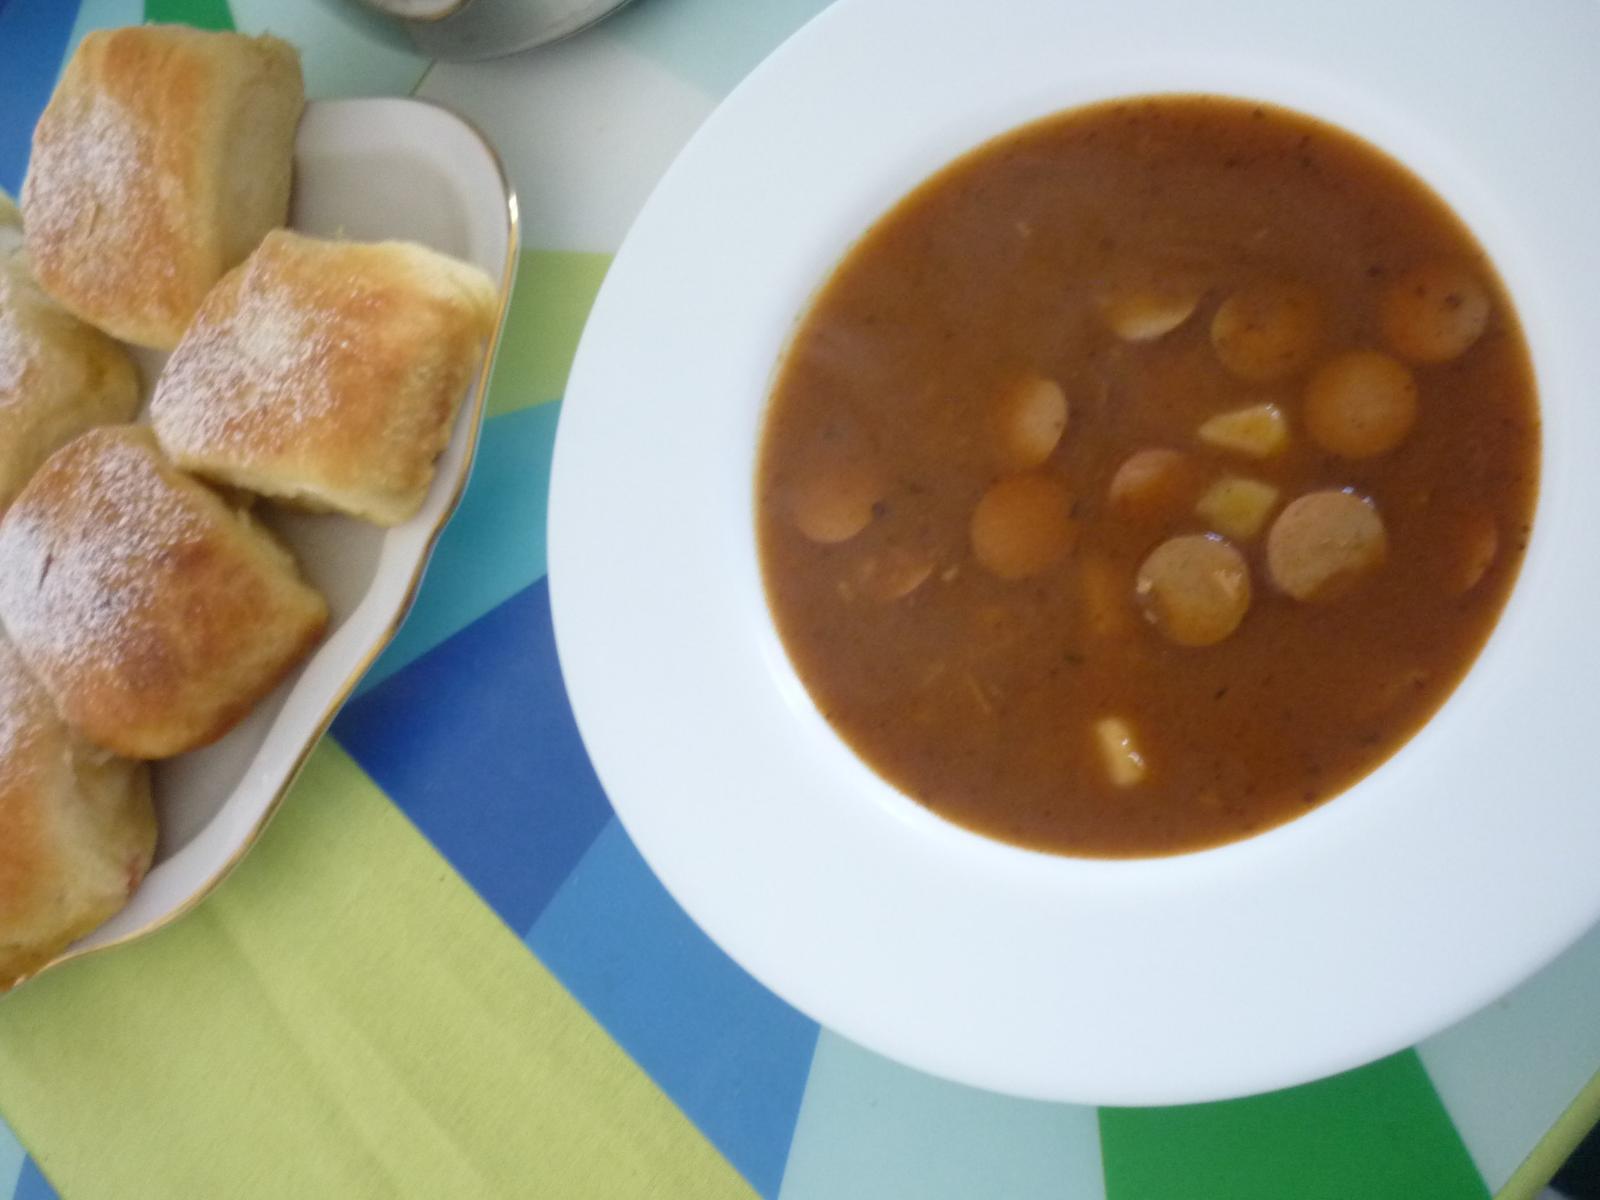 Což dát si něco k snědku - frankfurtská polévka k buchtám